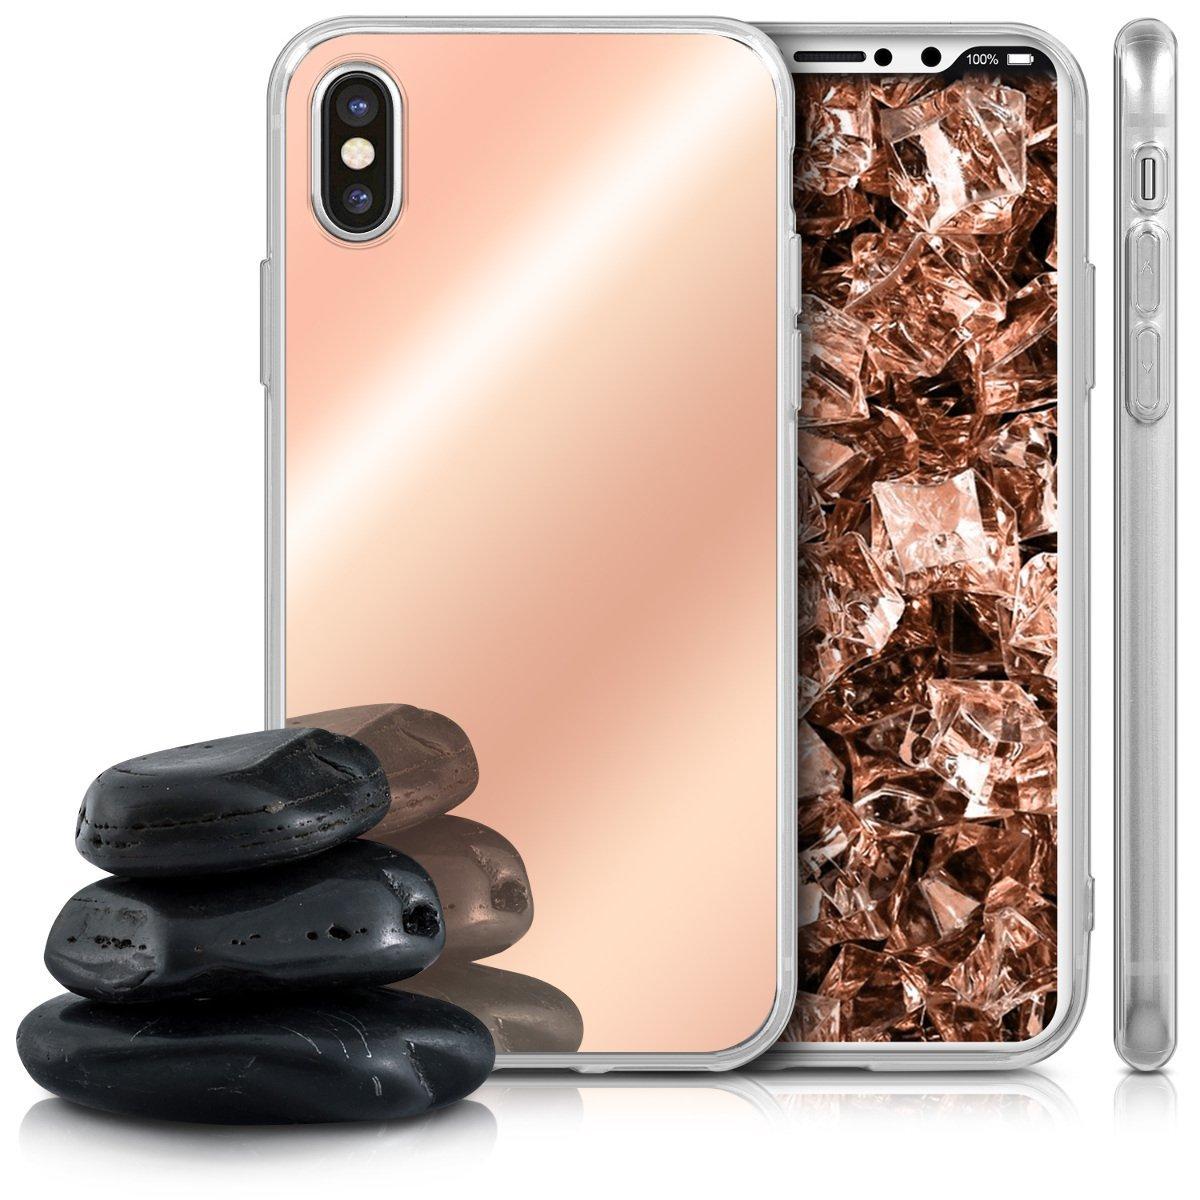 Zrcadlový obal / kryt My Mirror pro iPhone X - Růžově zlatý